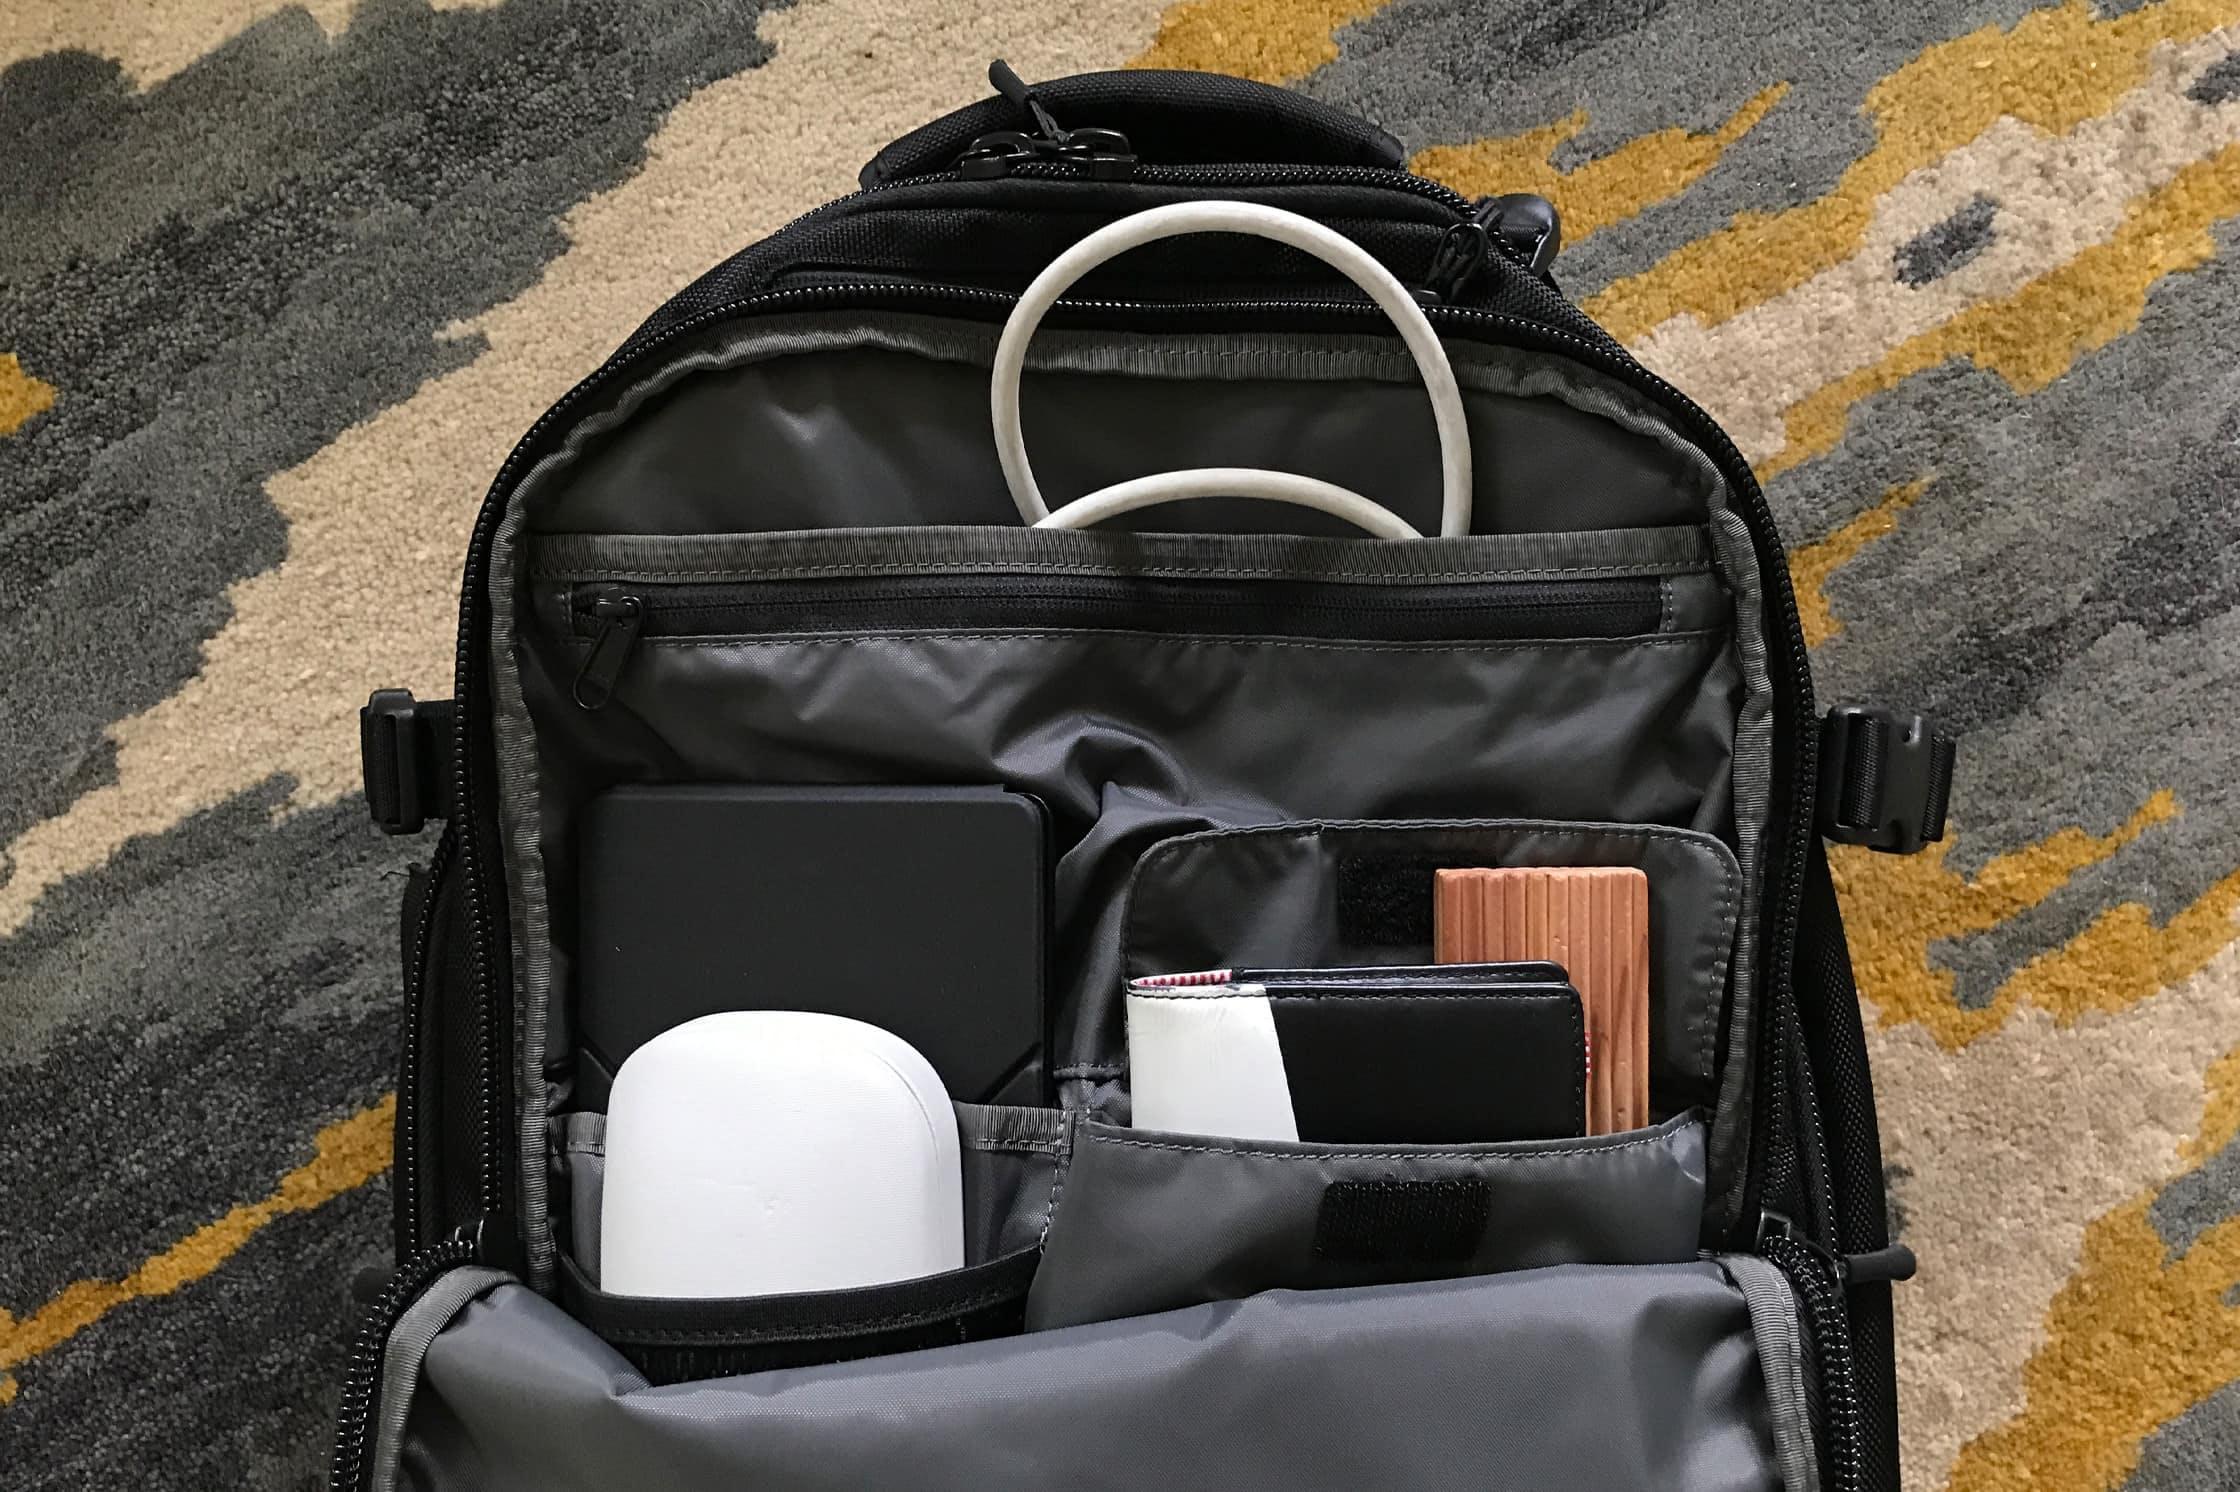 Aer Travel Pack Front Pocket